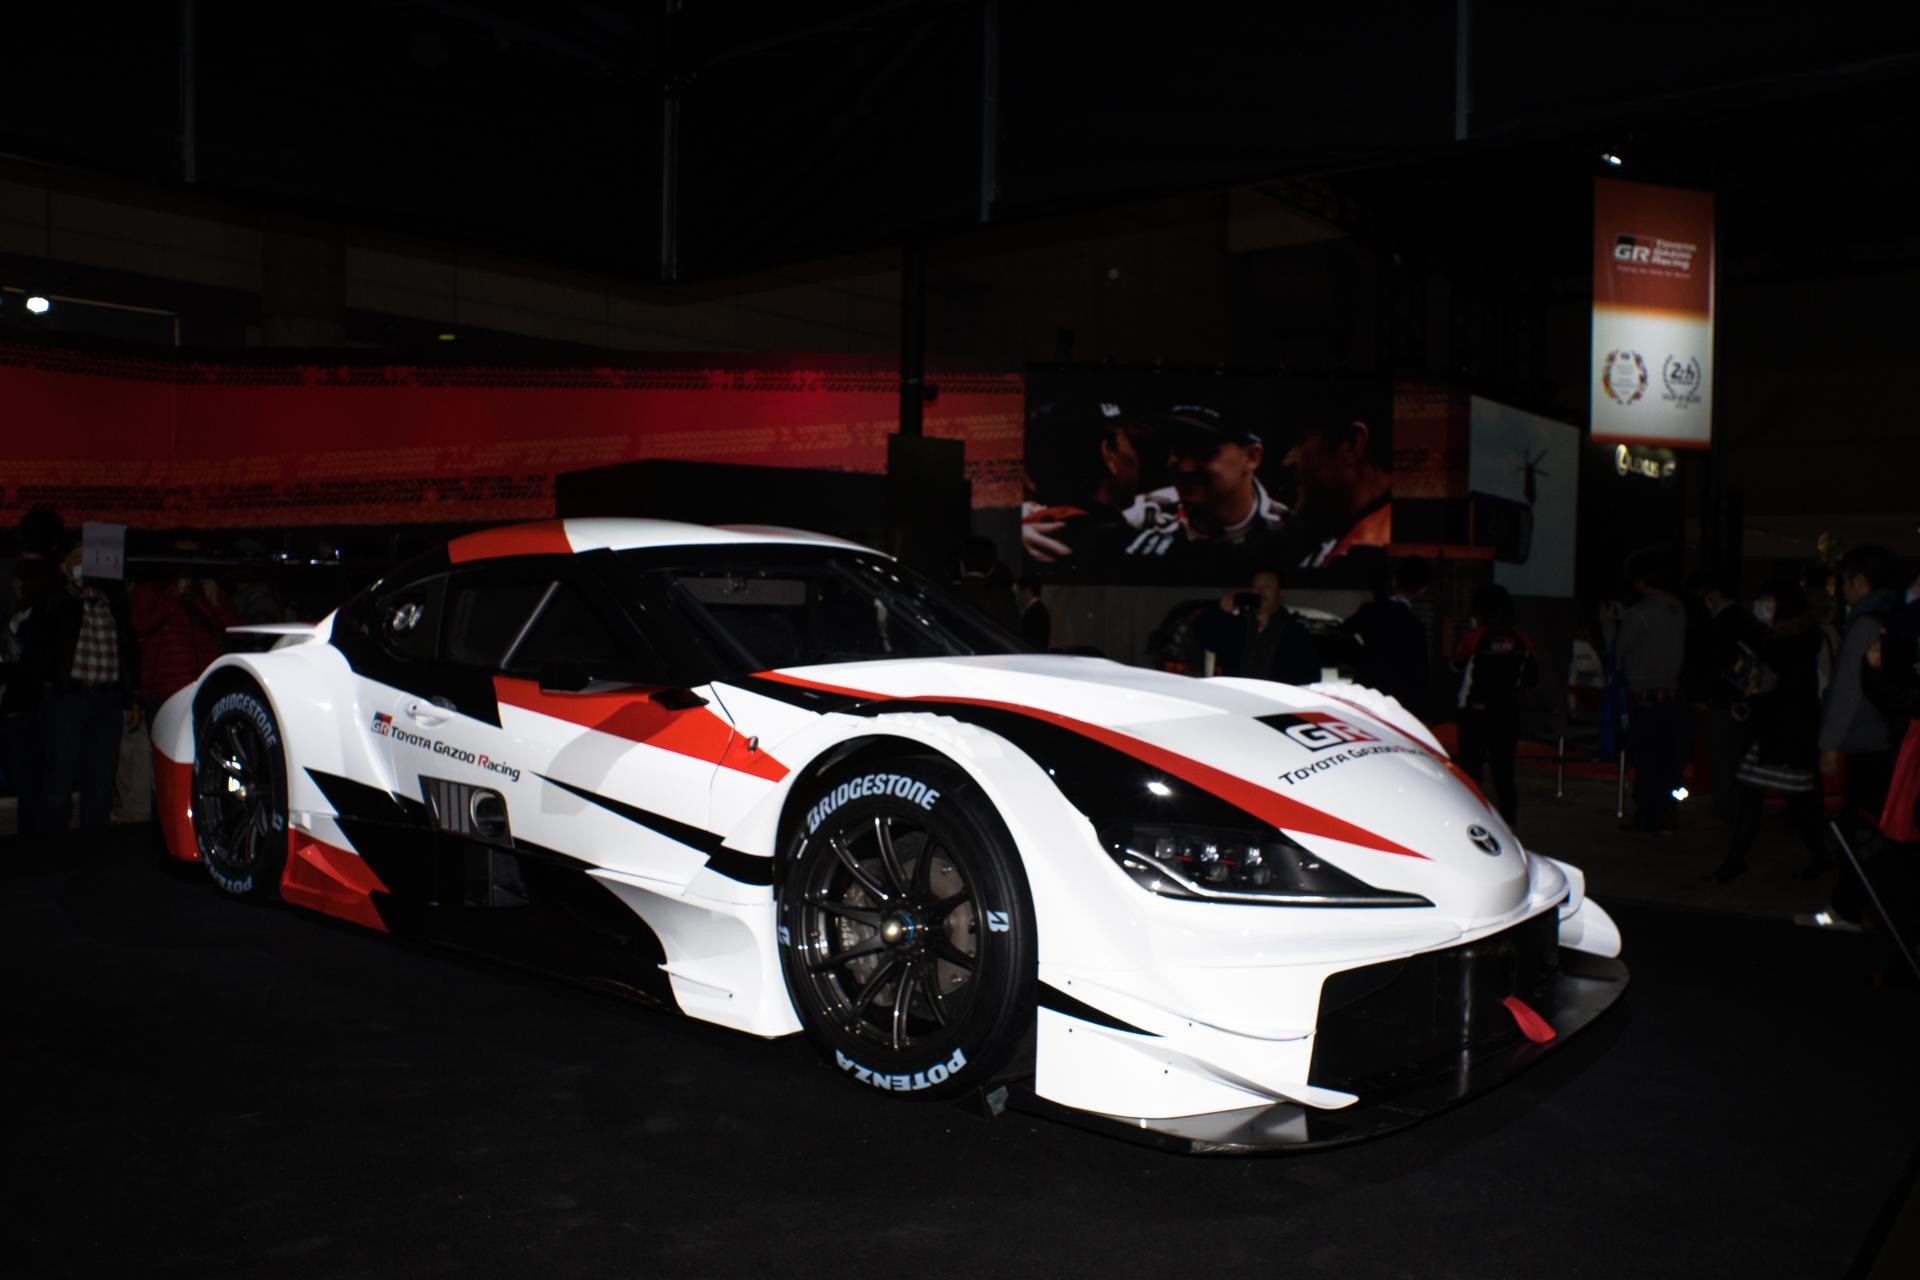 東京オートサロン2019 TOYOTA GAZOO Racing スーパーGTコンセプト